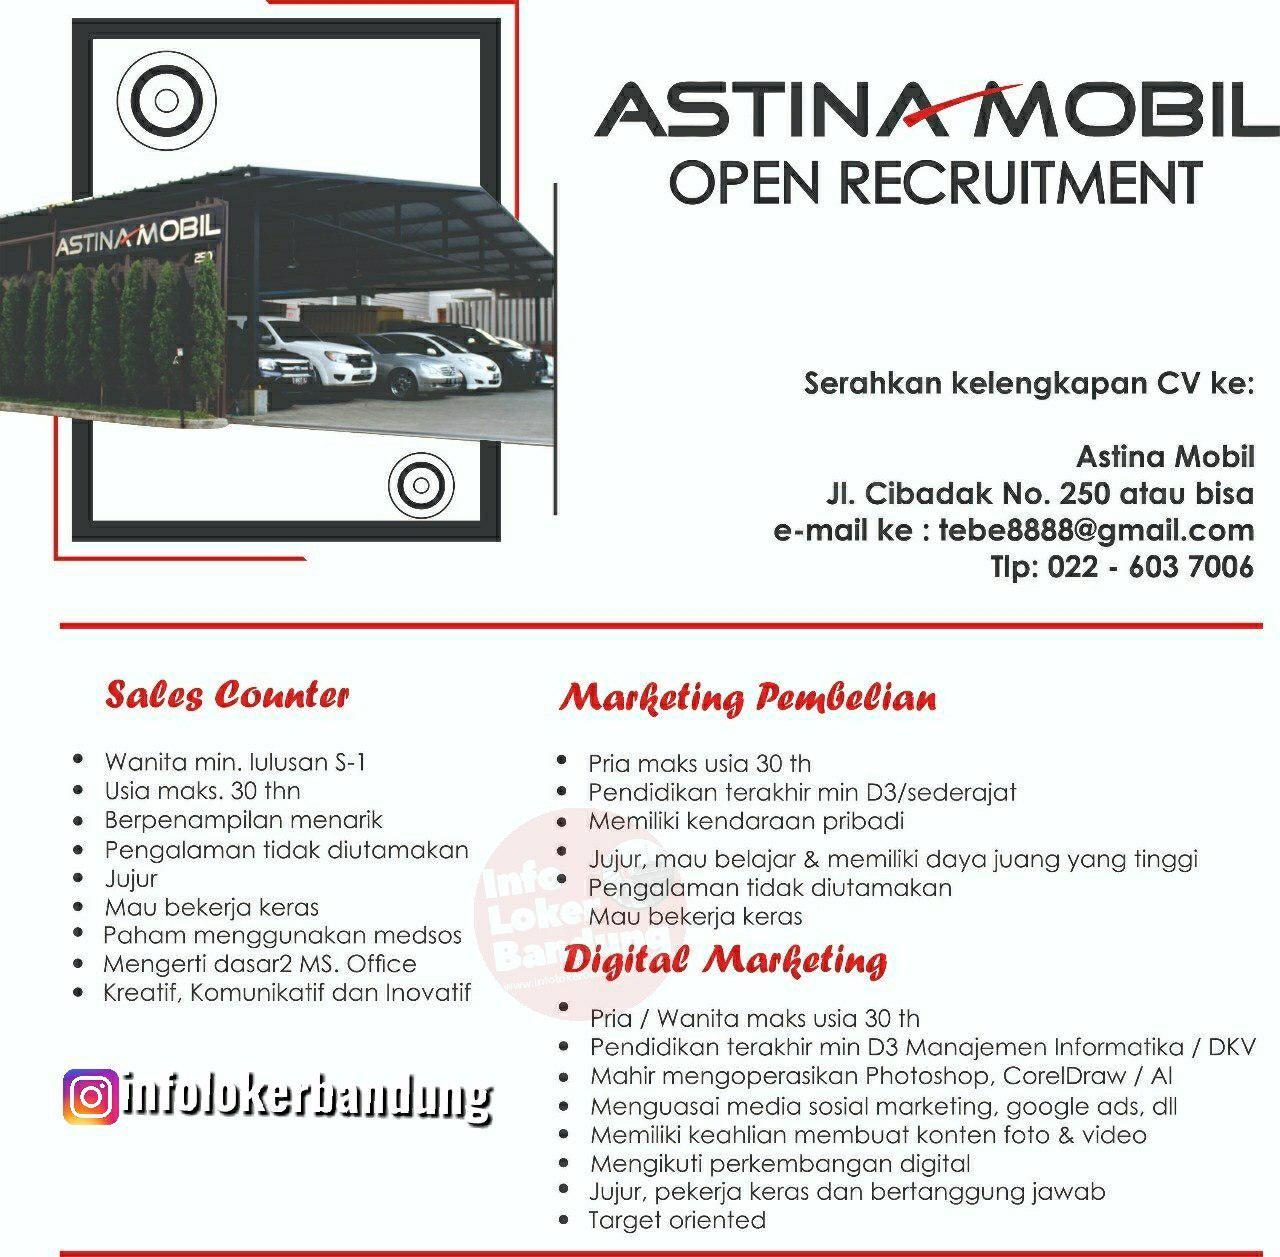 Lowongan Kerja Astina Mobile Bandung April 2019